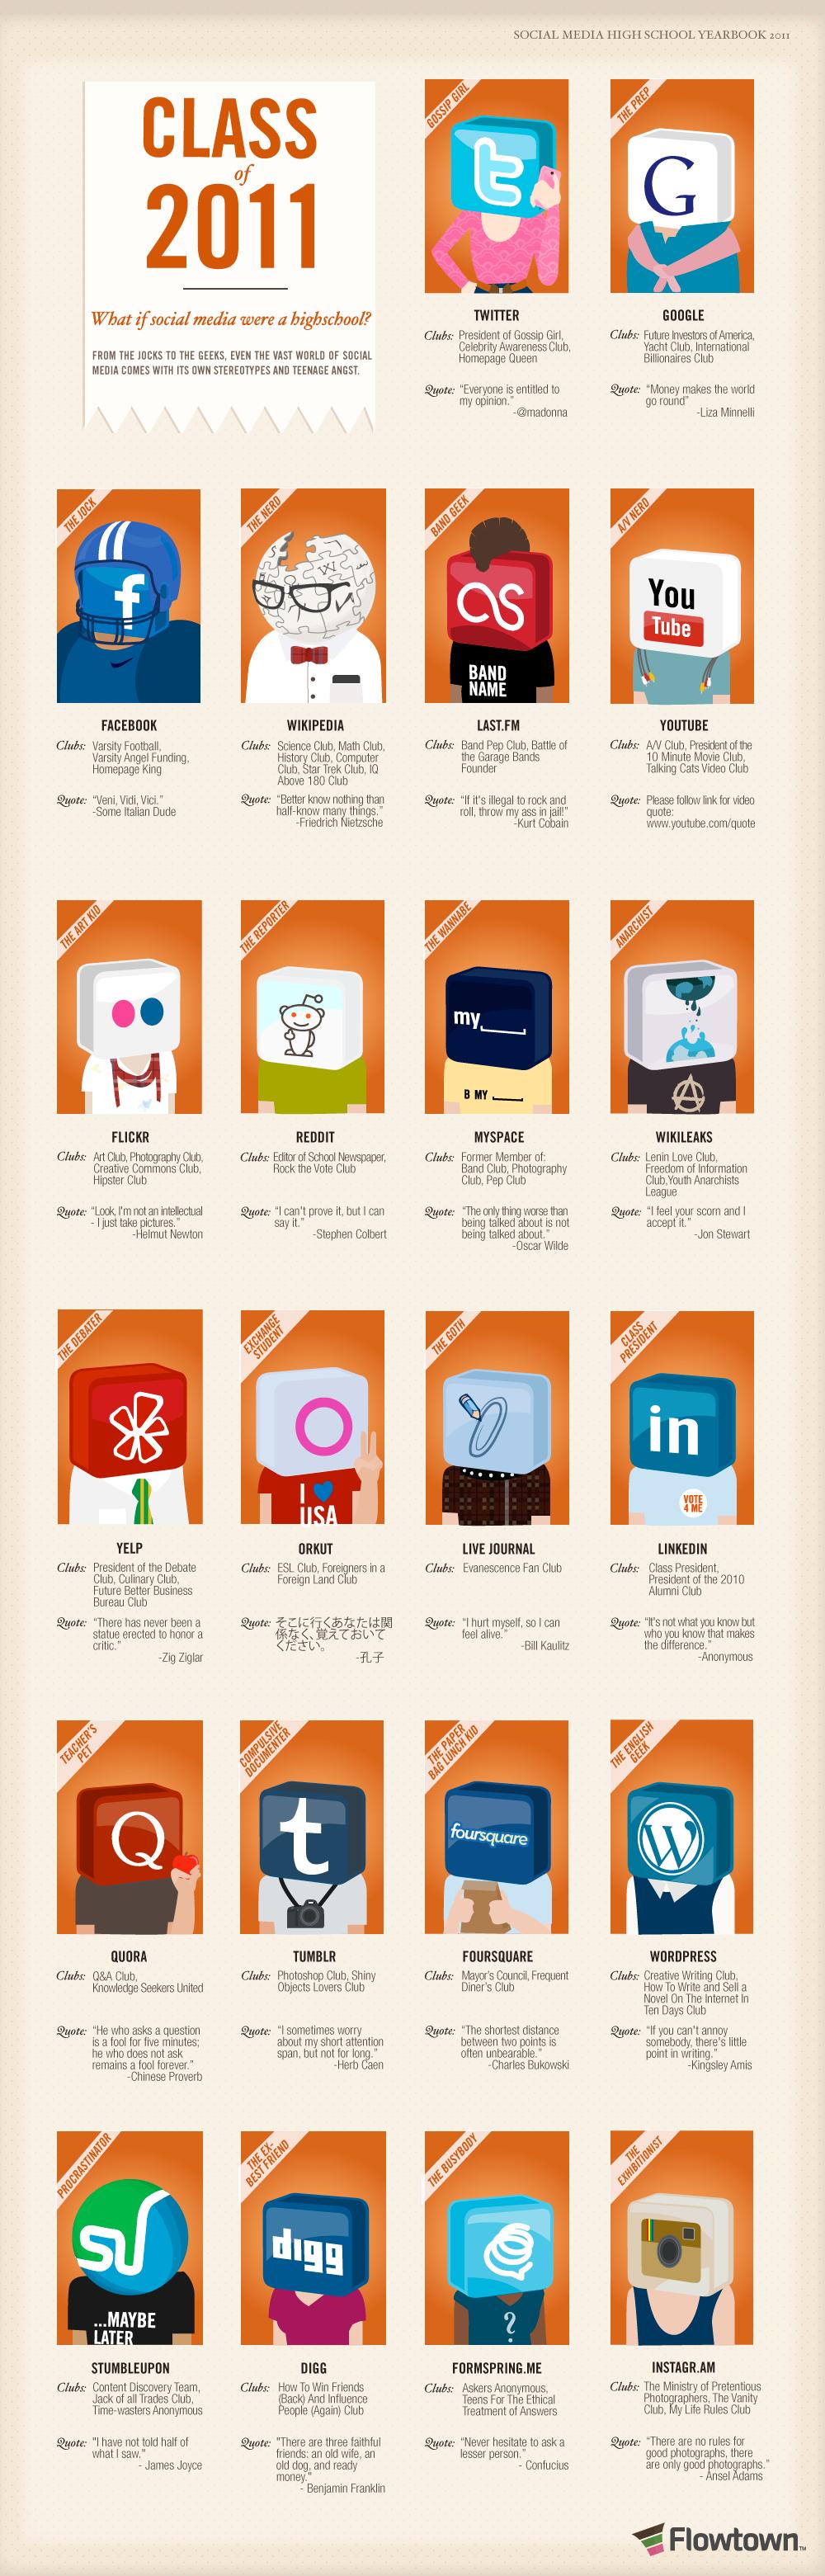 Et si les réseaux sociaux étaient une classe d'étudiants?